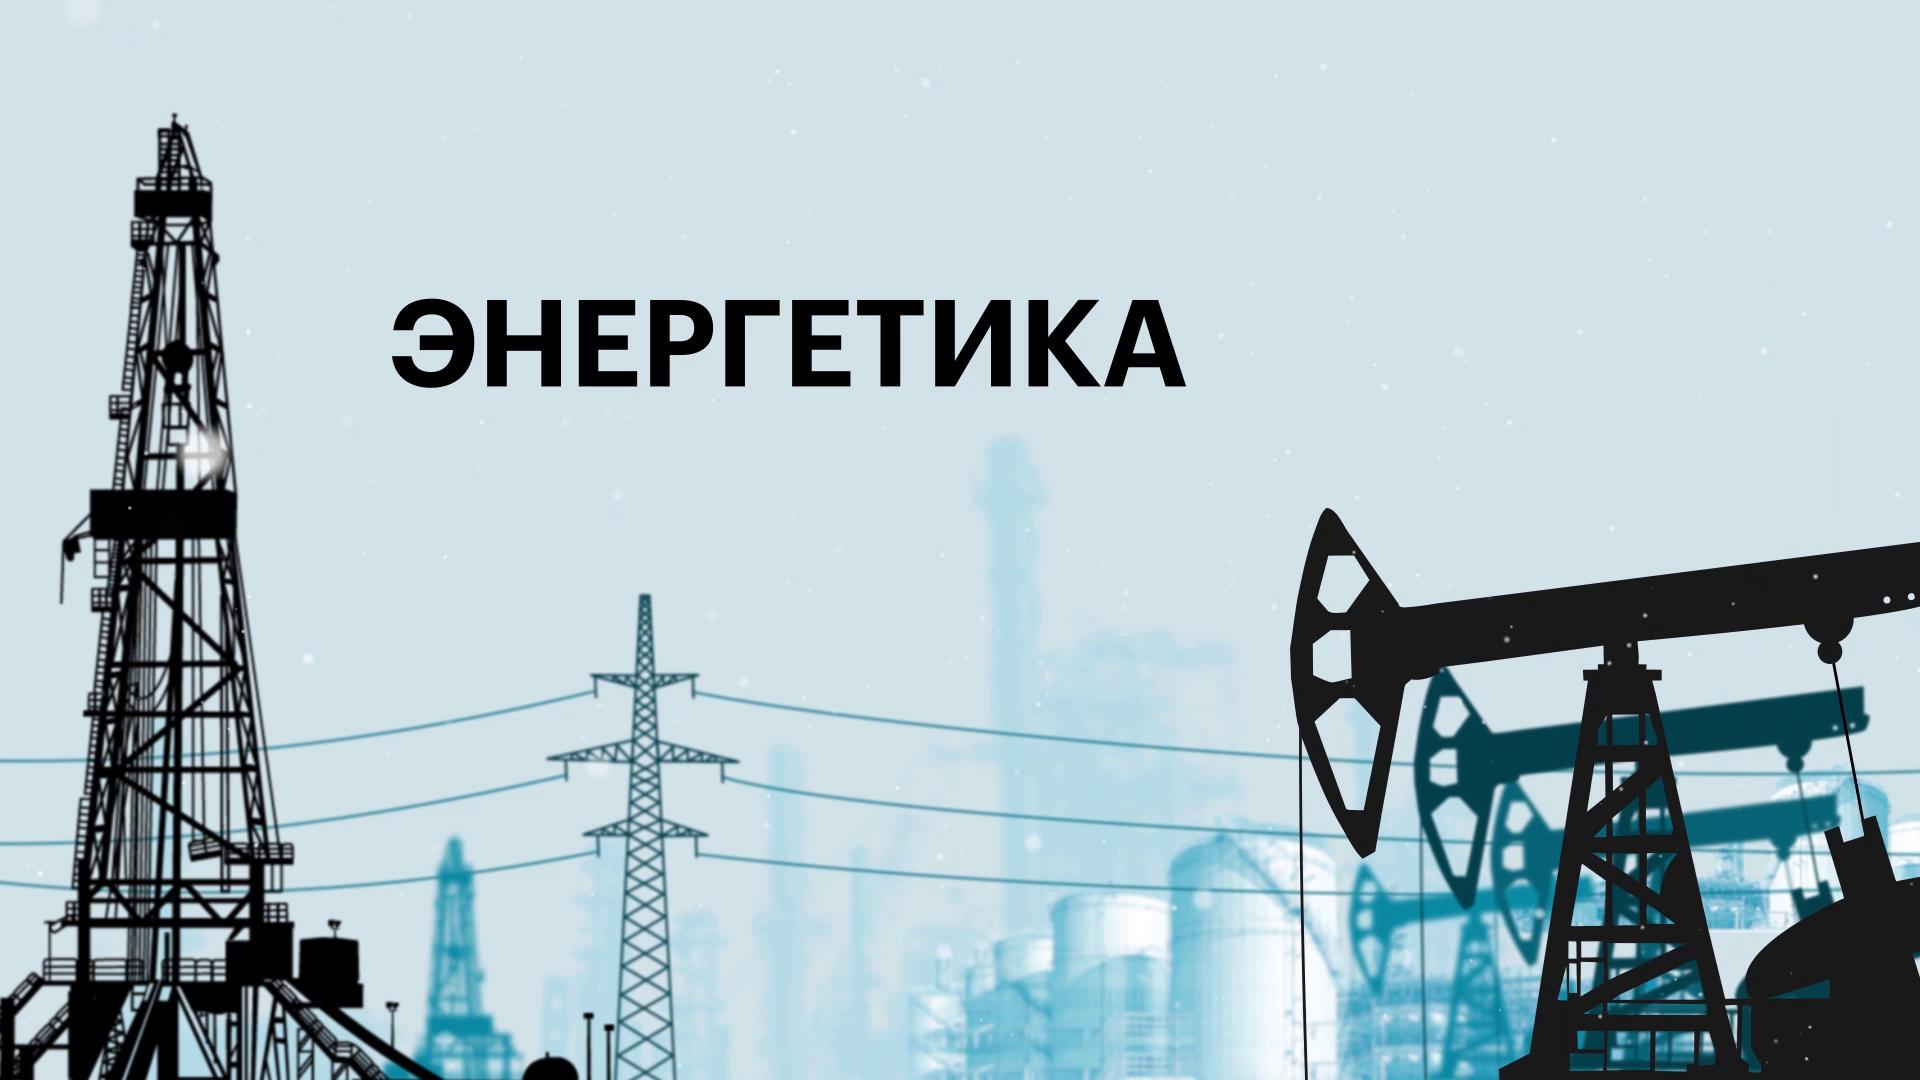 Programme: РБК+ / Энергетика